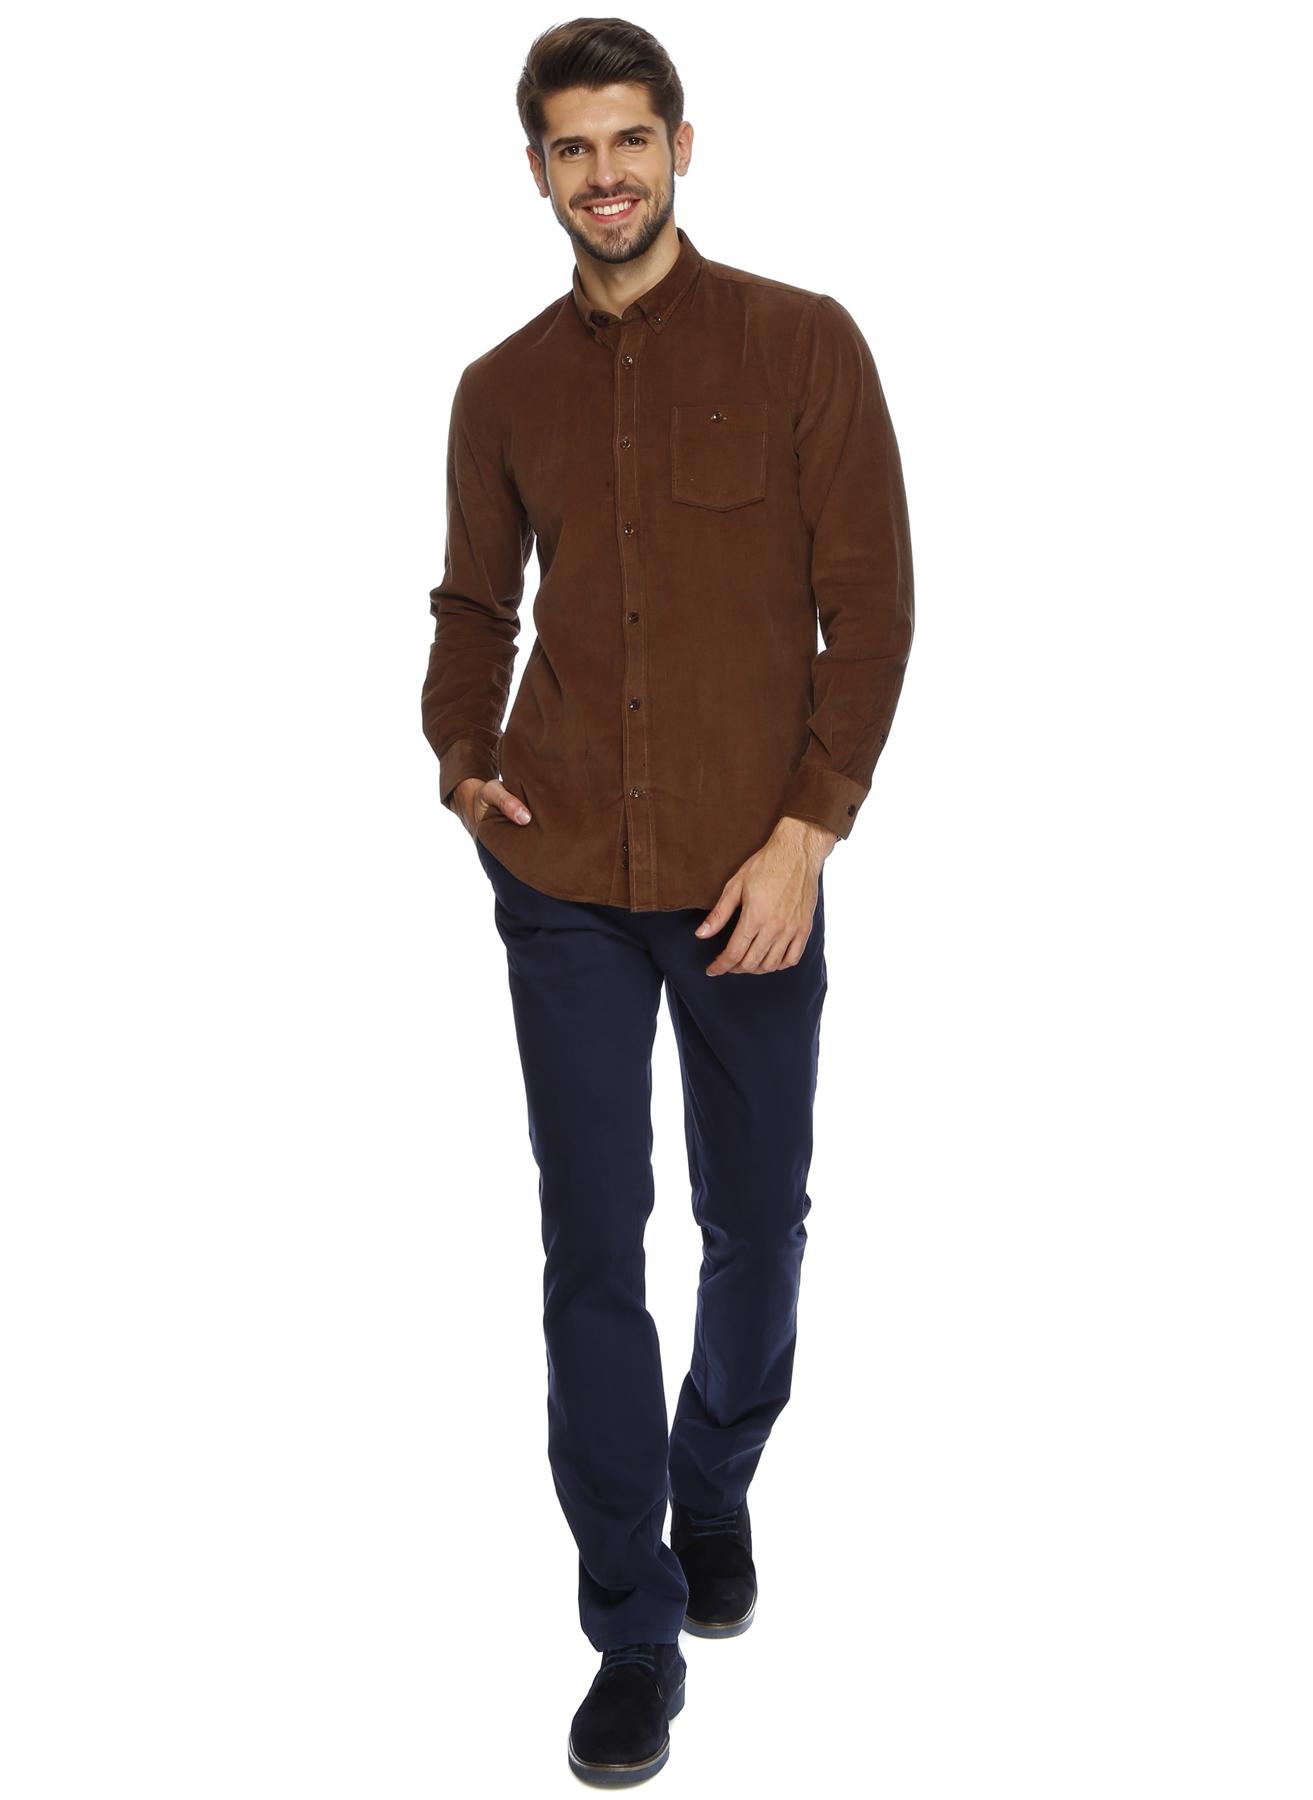 Cotton Bar Lacivert Klasik Pantolon 46 5000158020001 Ürün Resmi